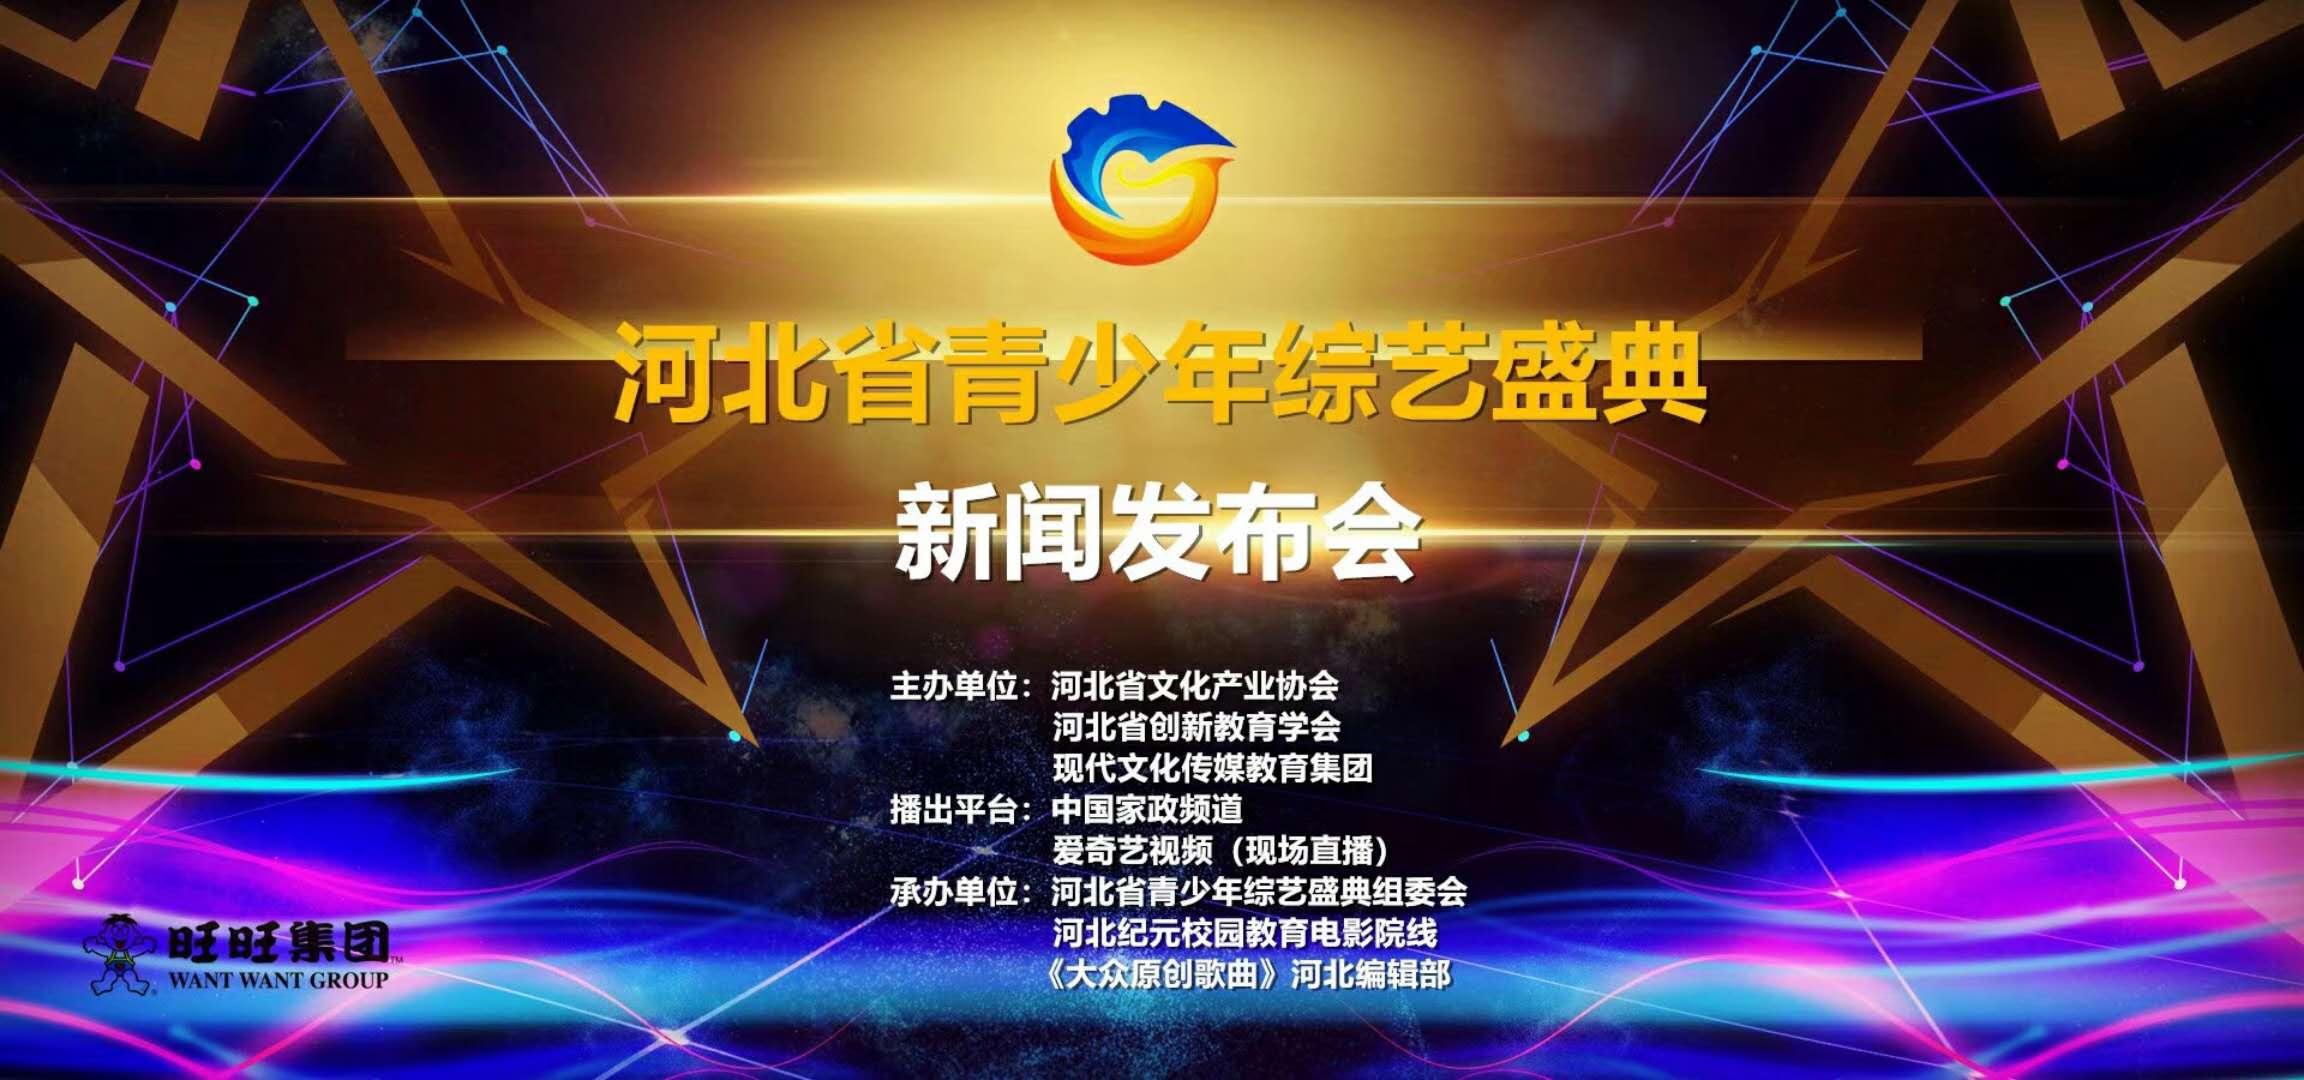 河北省青少年综艺盛典新闻发布会